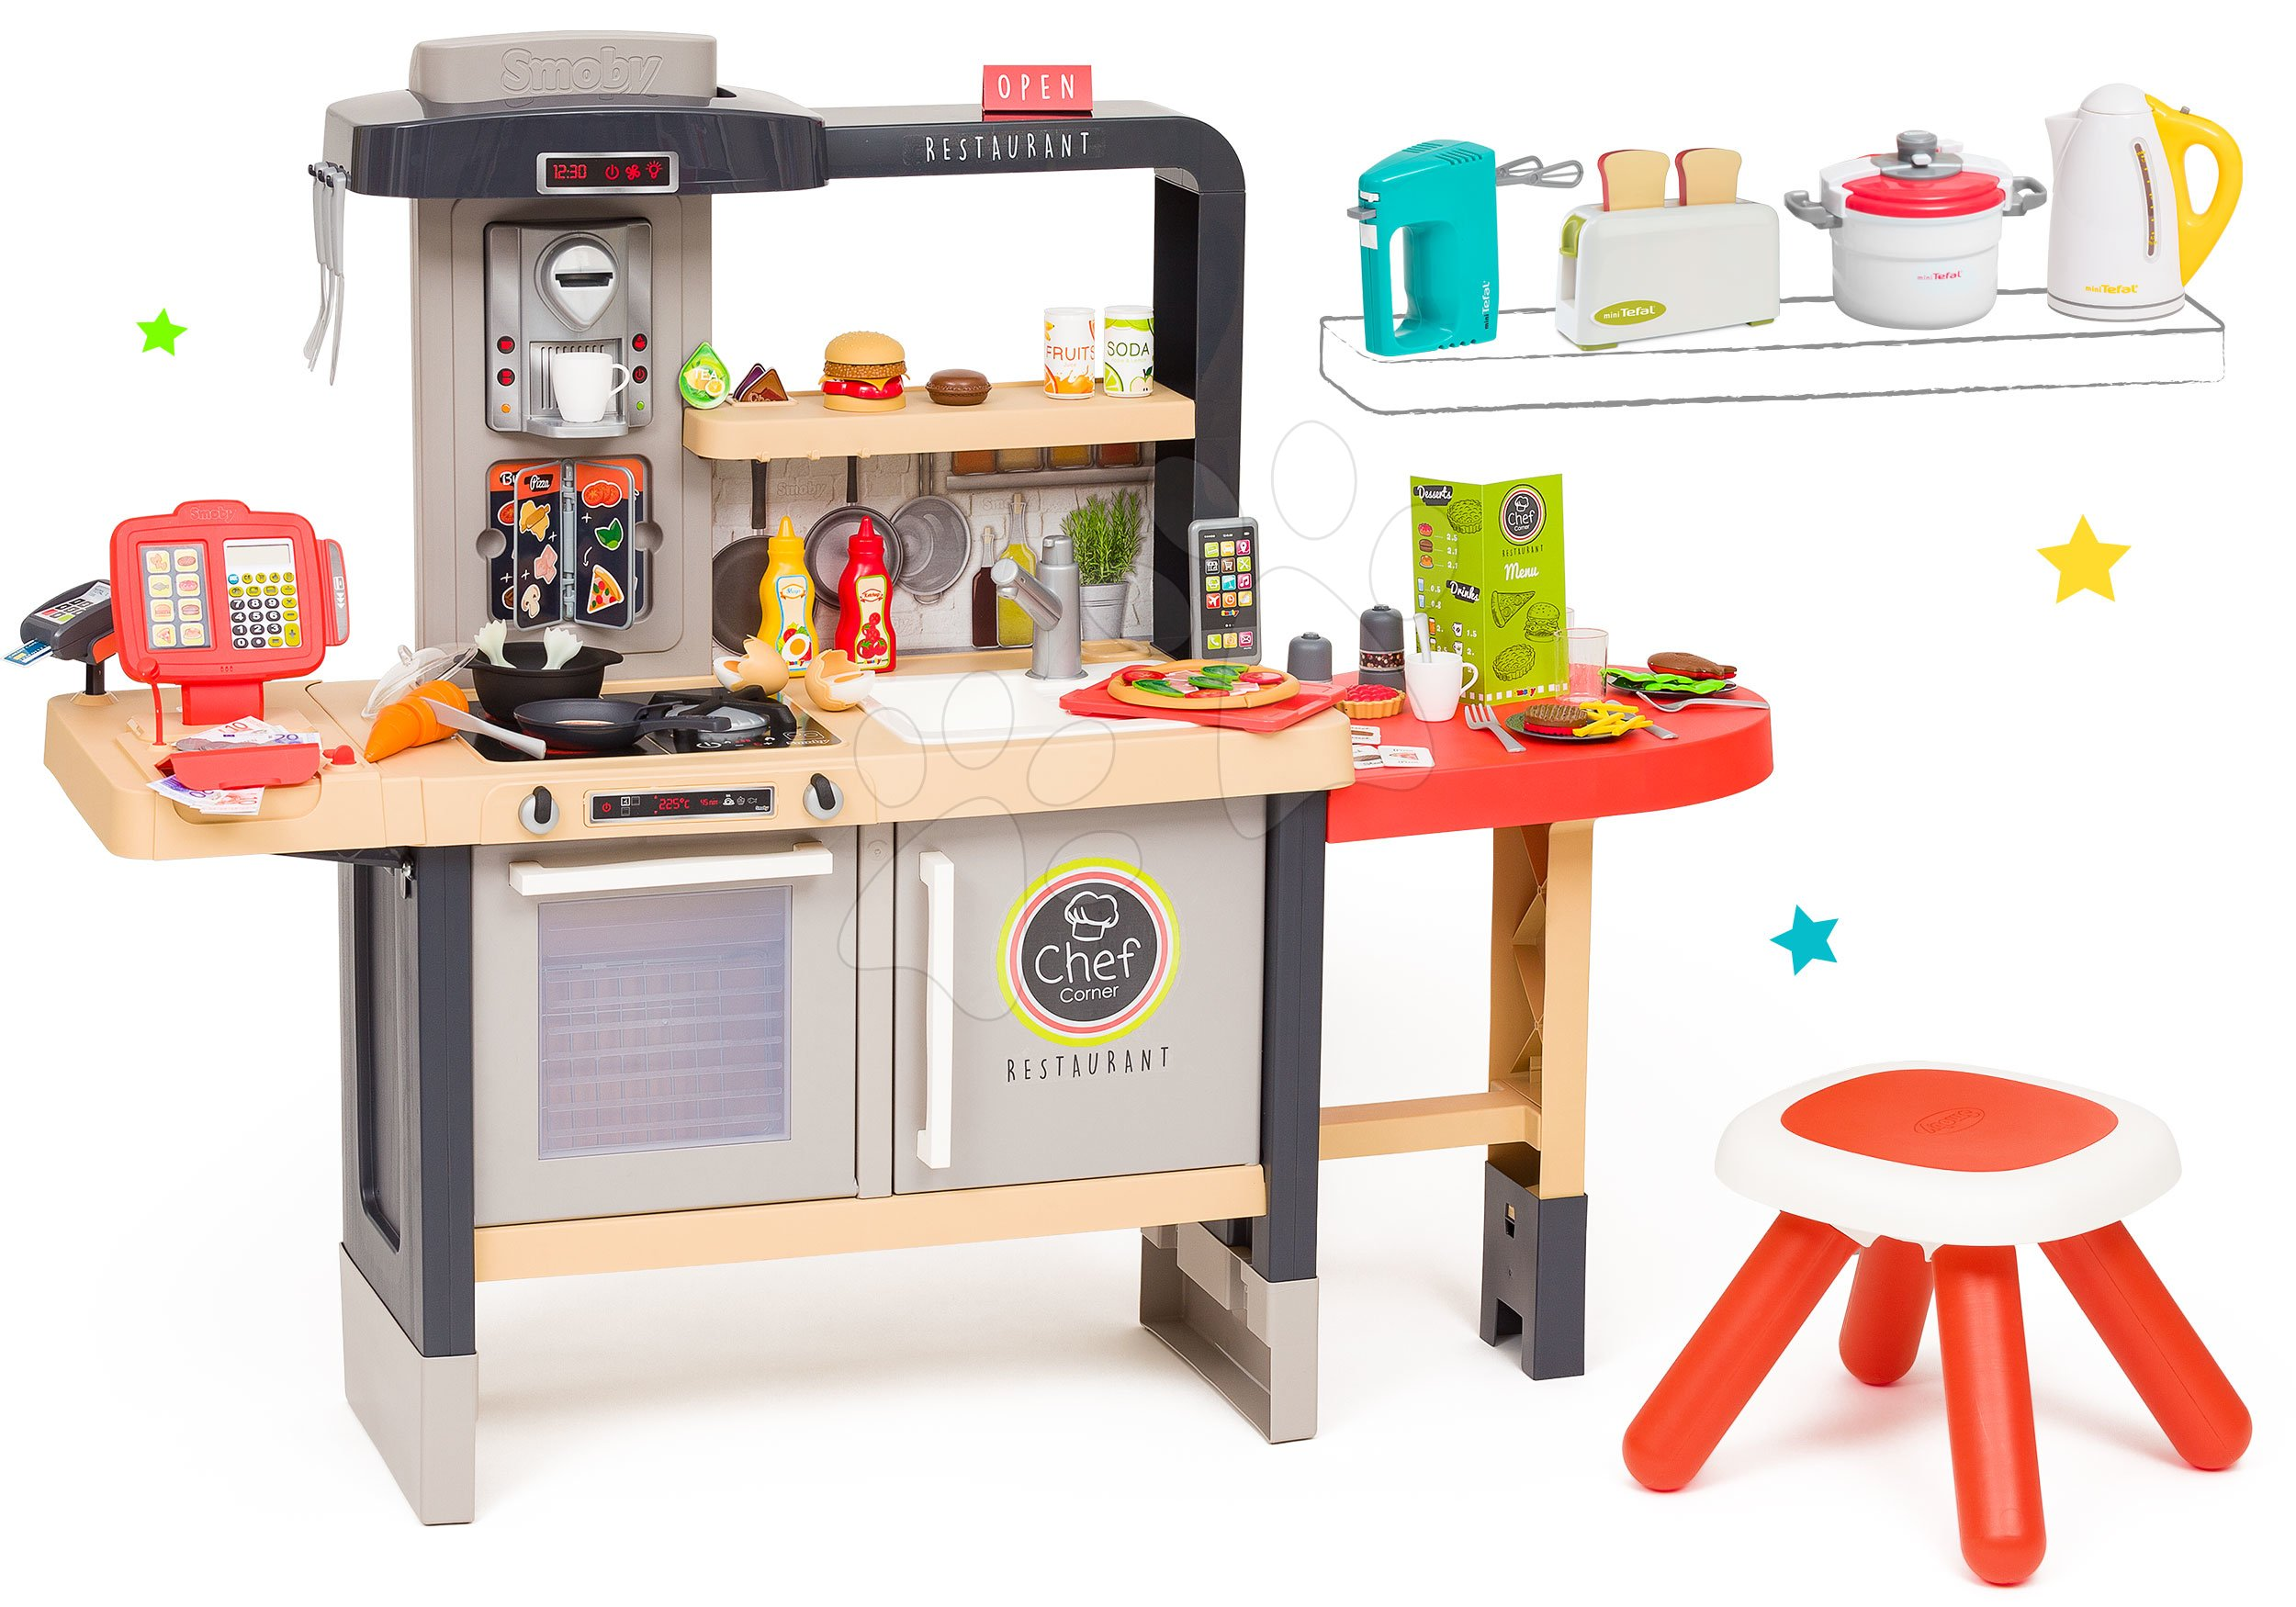 Szett étterem elektronikus konyhácskával Chef Corner Restaurant Smoby és konyhai robotgépek Tefal